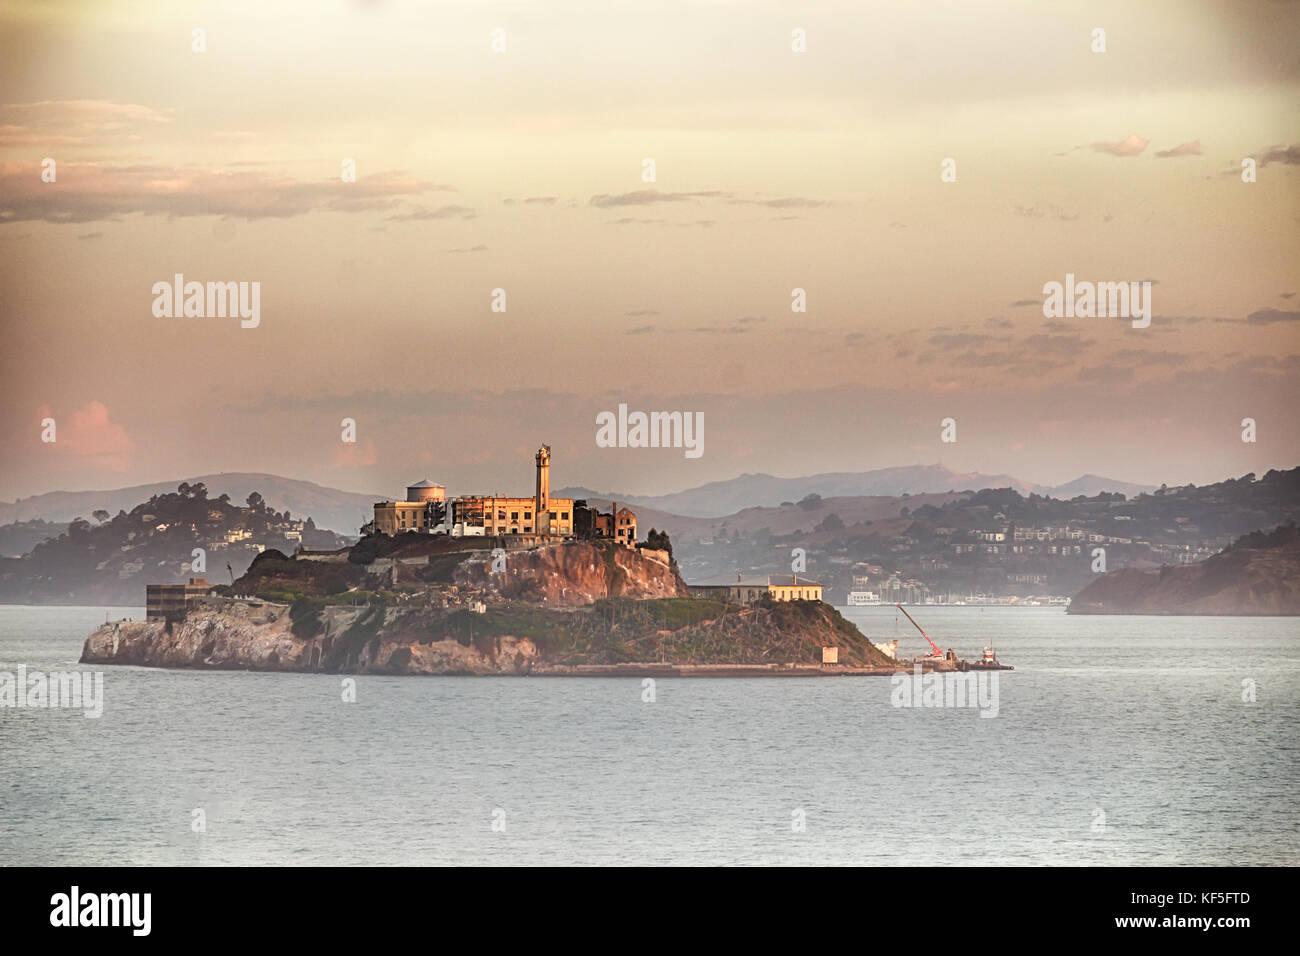 L'isola di Alcatraz a San Francisco, film in stile retrò. Foto Stock